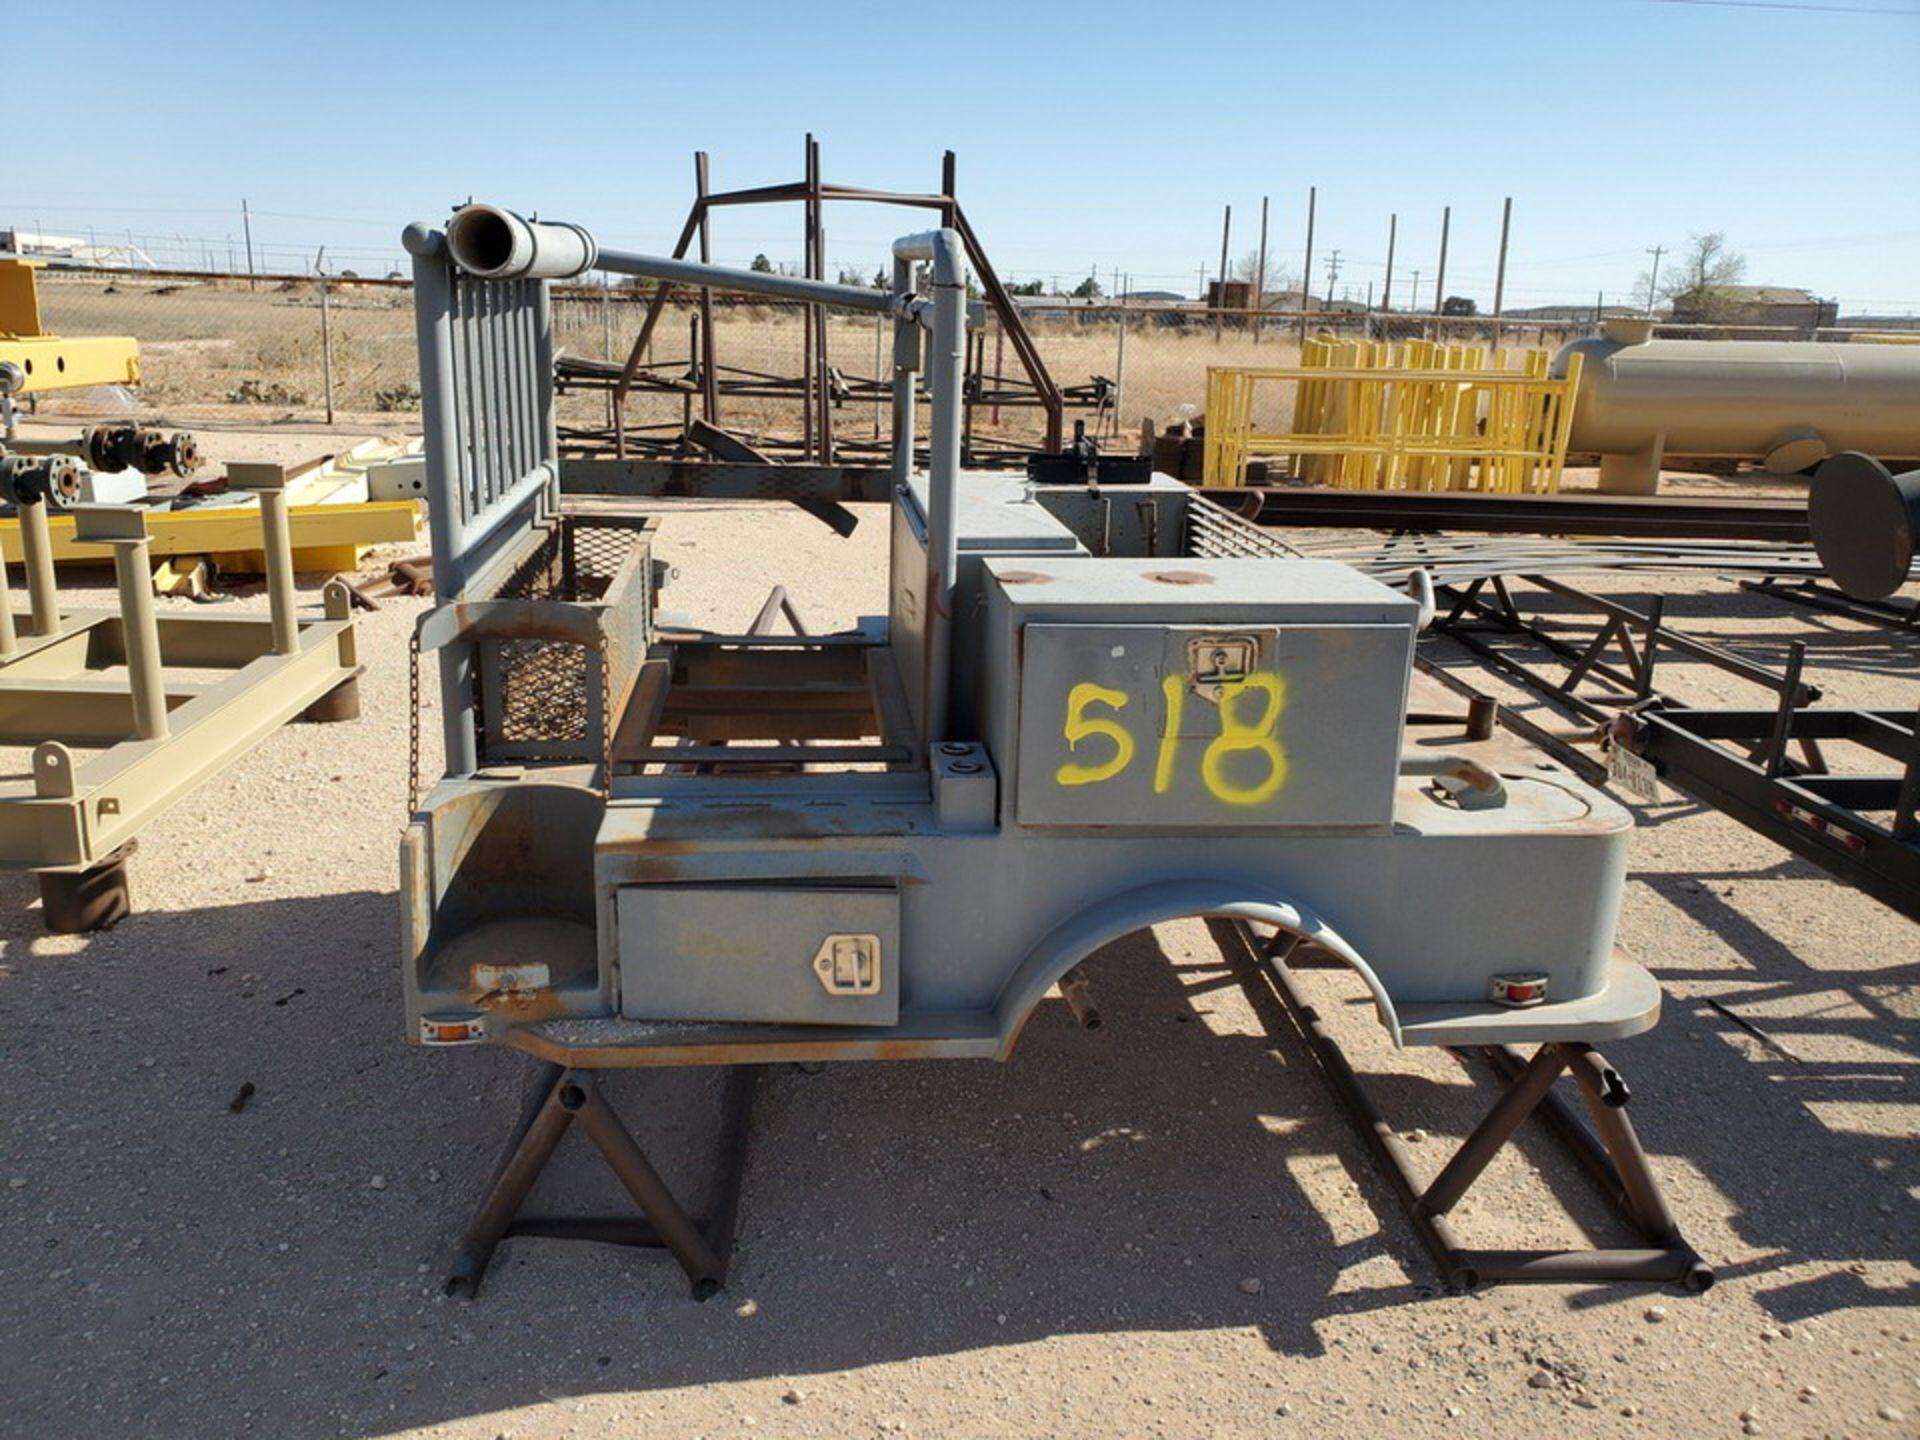 Welding Truck Bed - Image 12 of 12